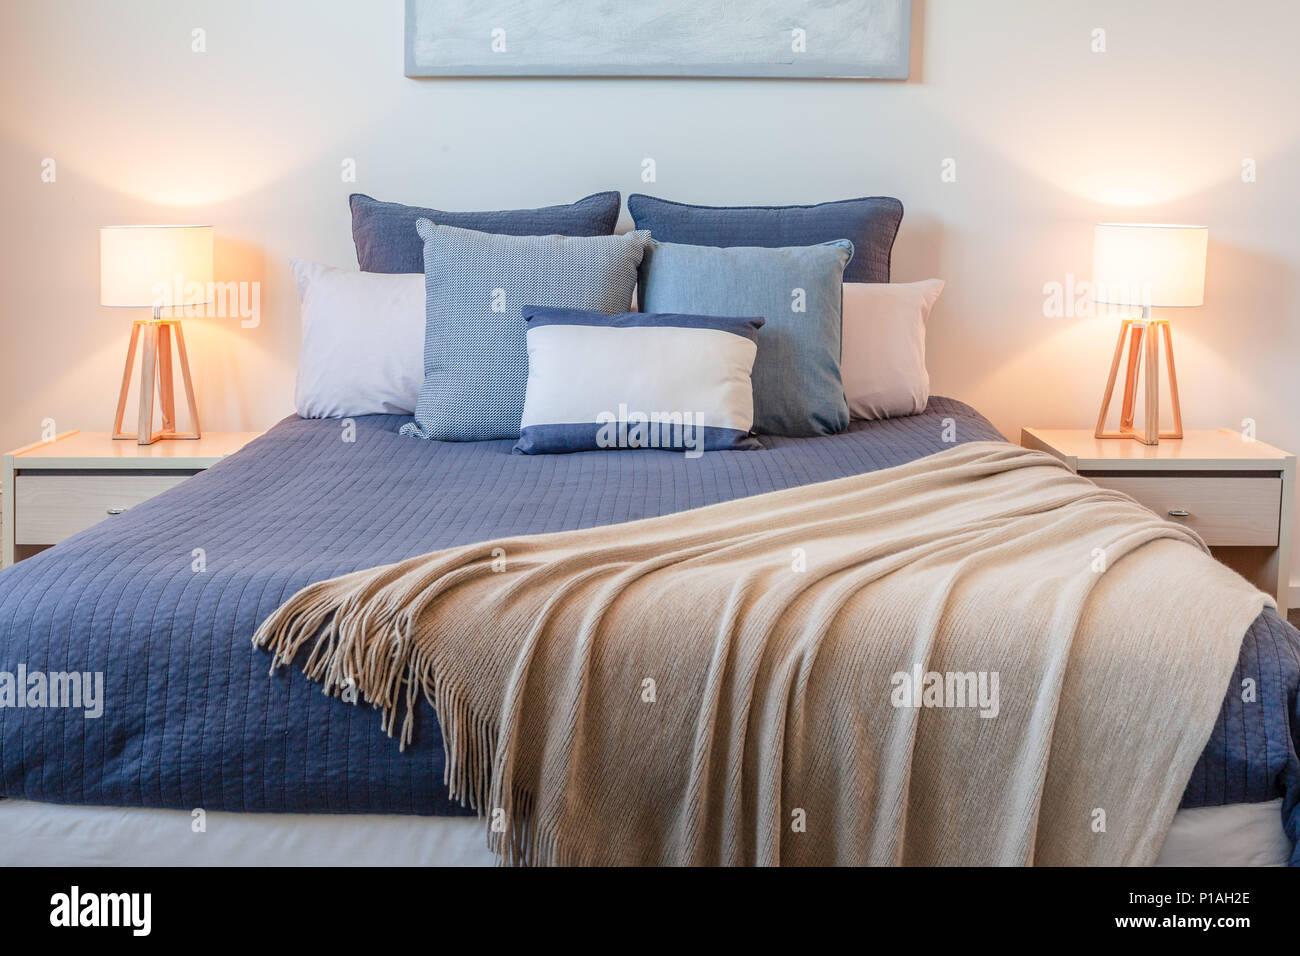 Bella la disposizione dei cuscini sul letto in una camera da letto ...